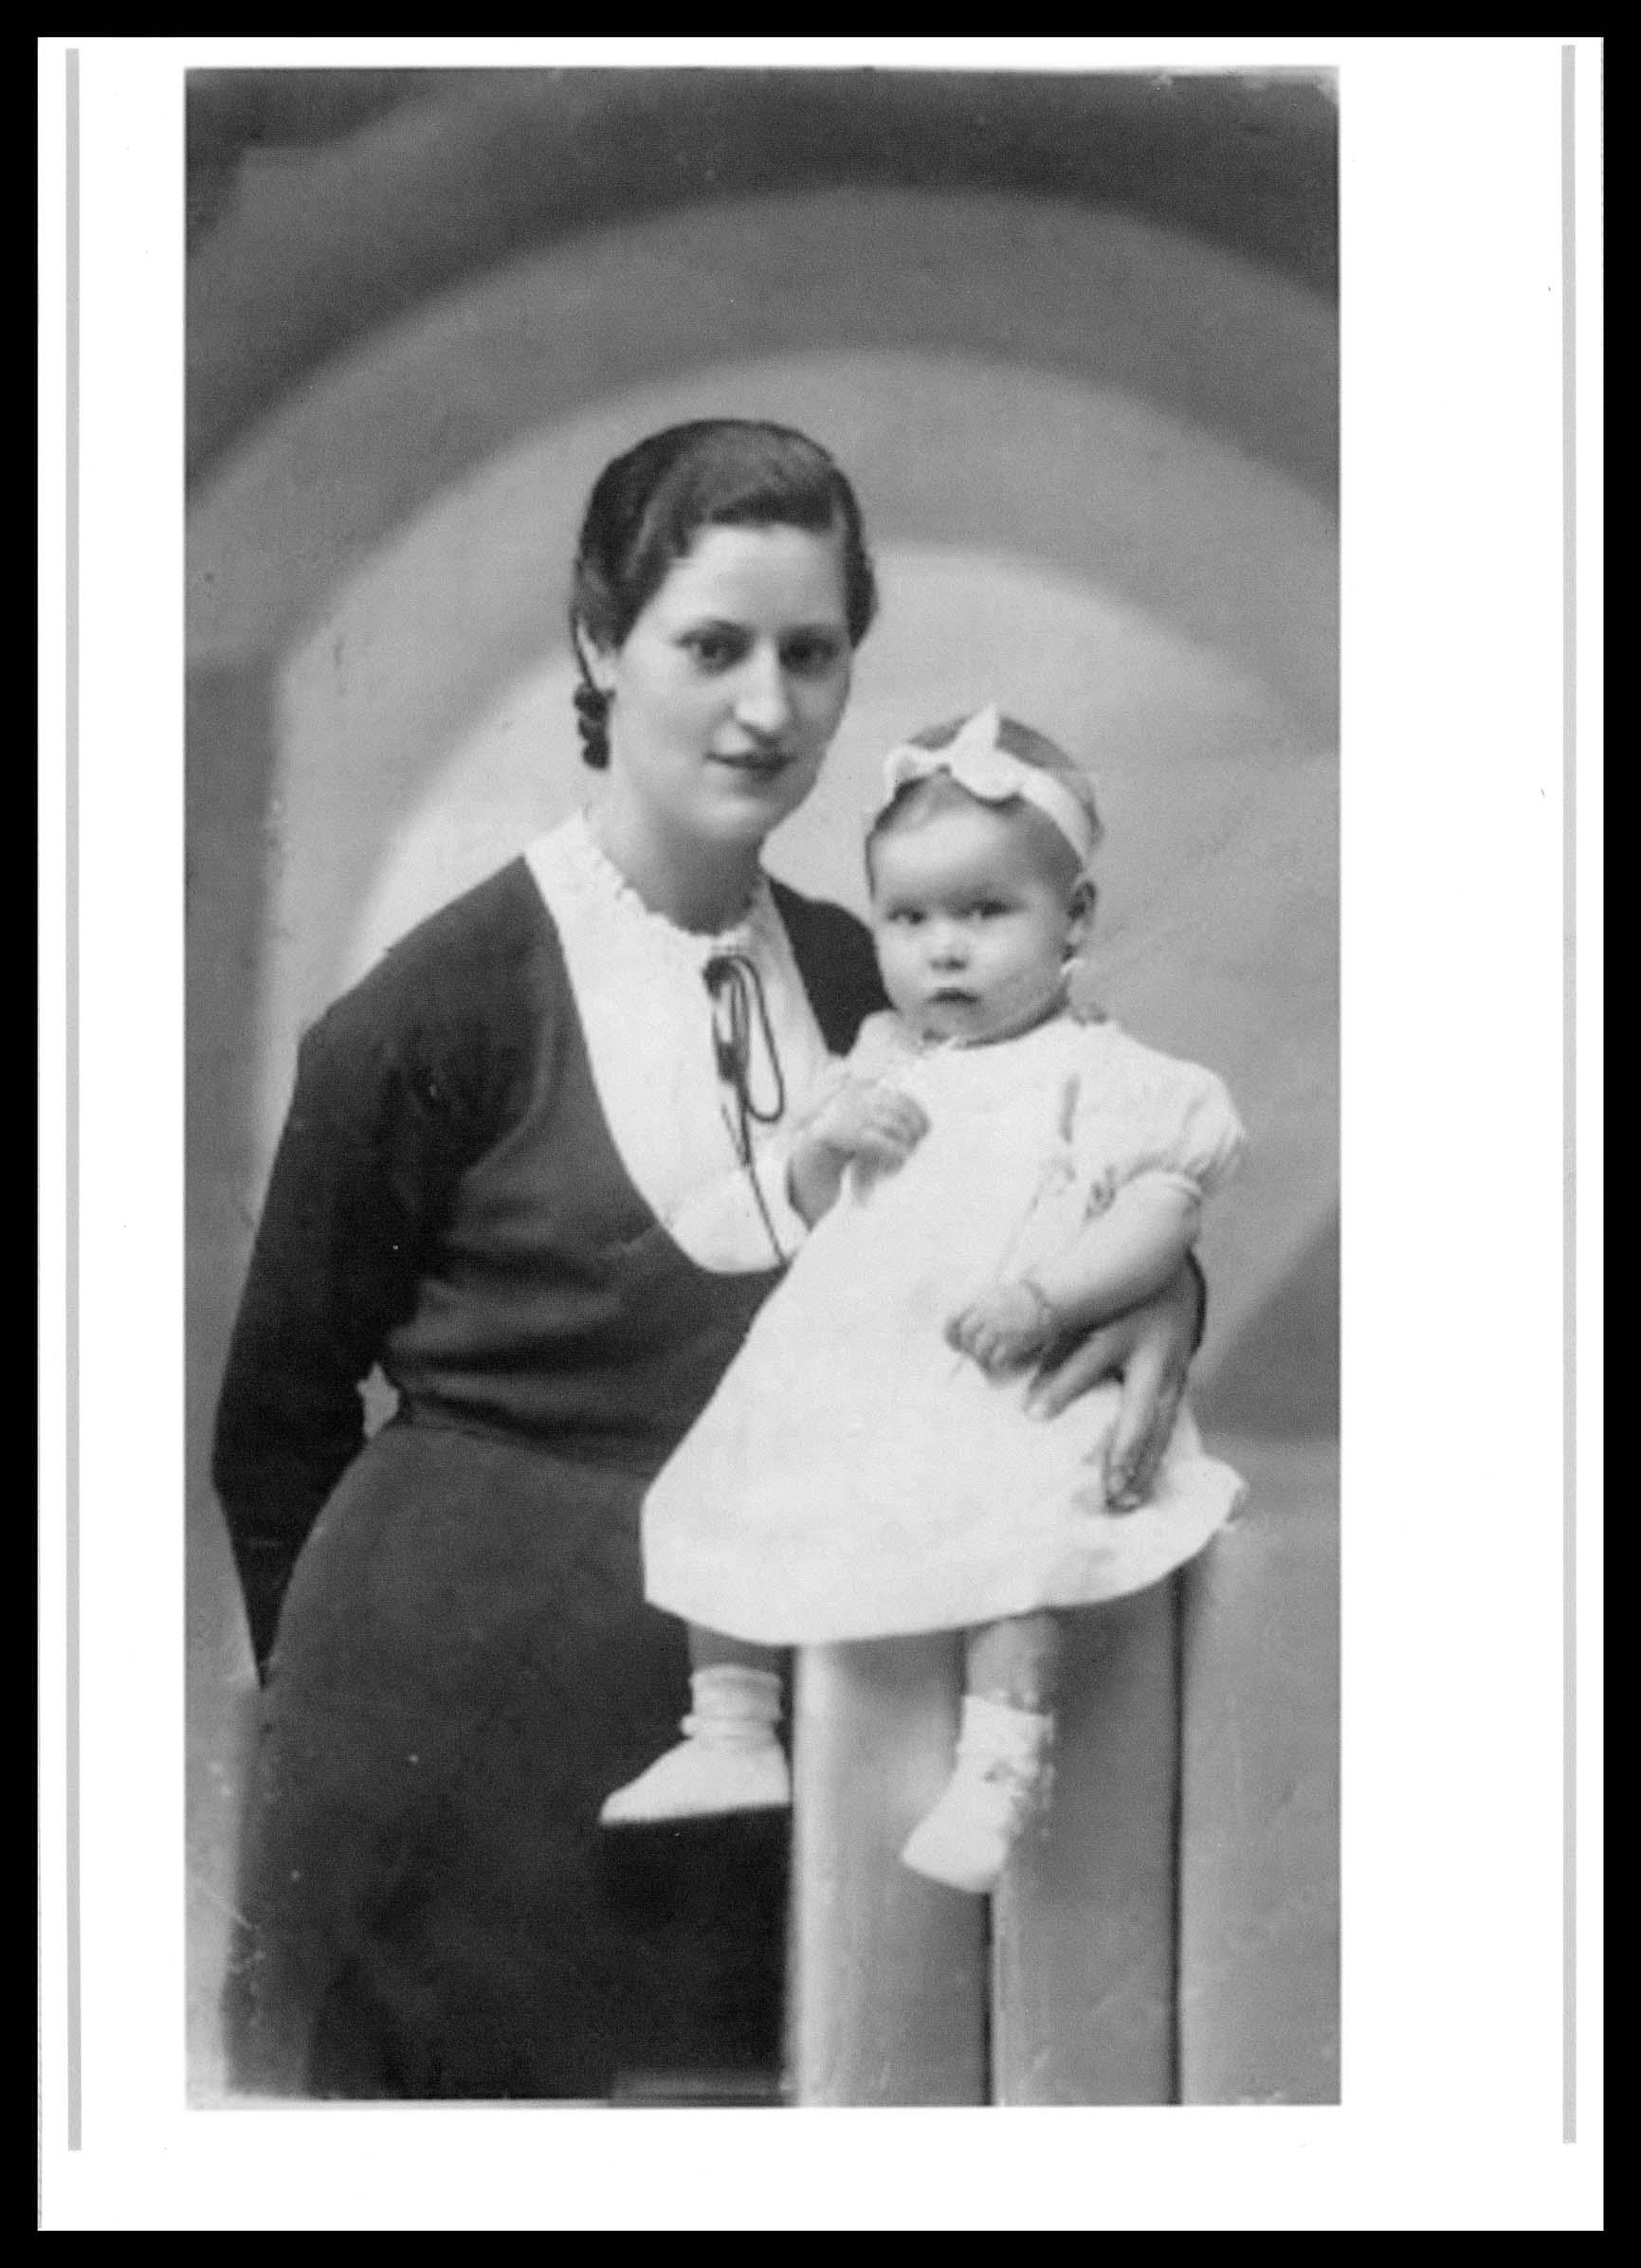 Foto de estudio de Daría Muñoz posando con su hija Teresa Martín en Peñaranda de Bracamonte